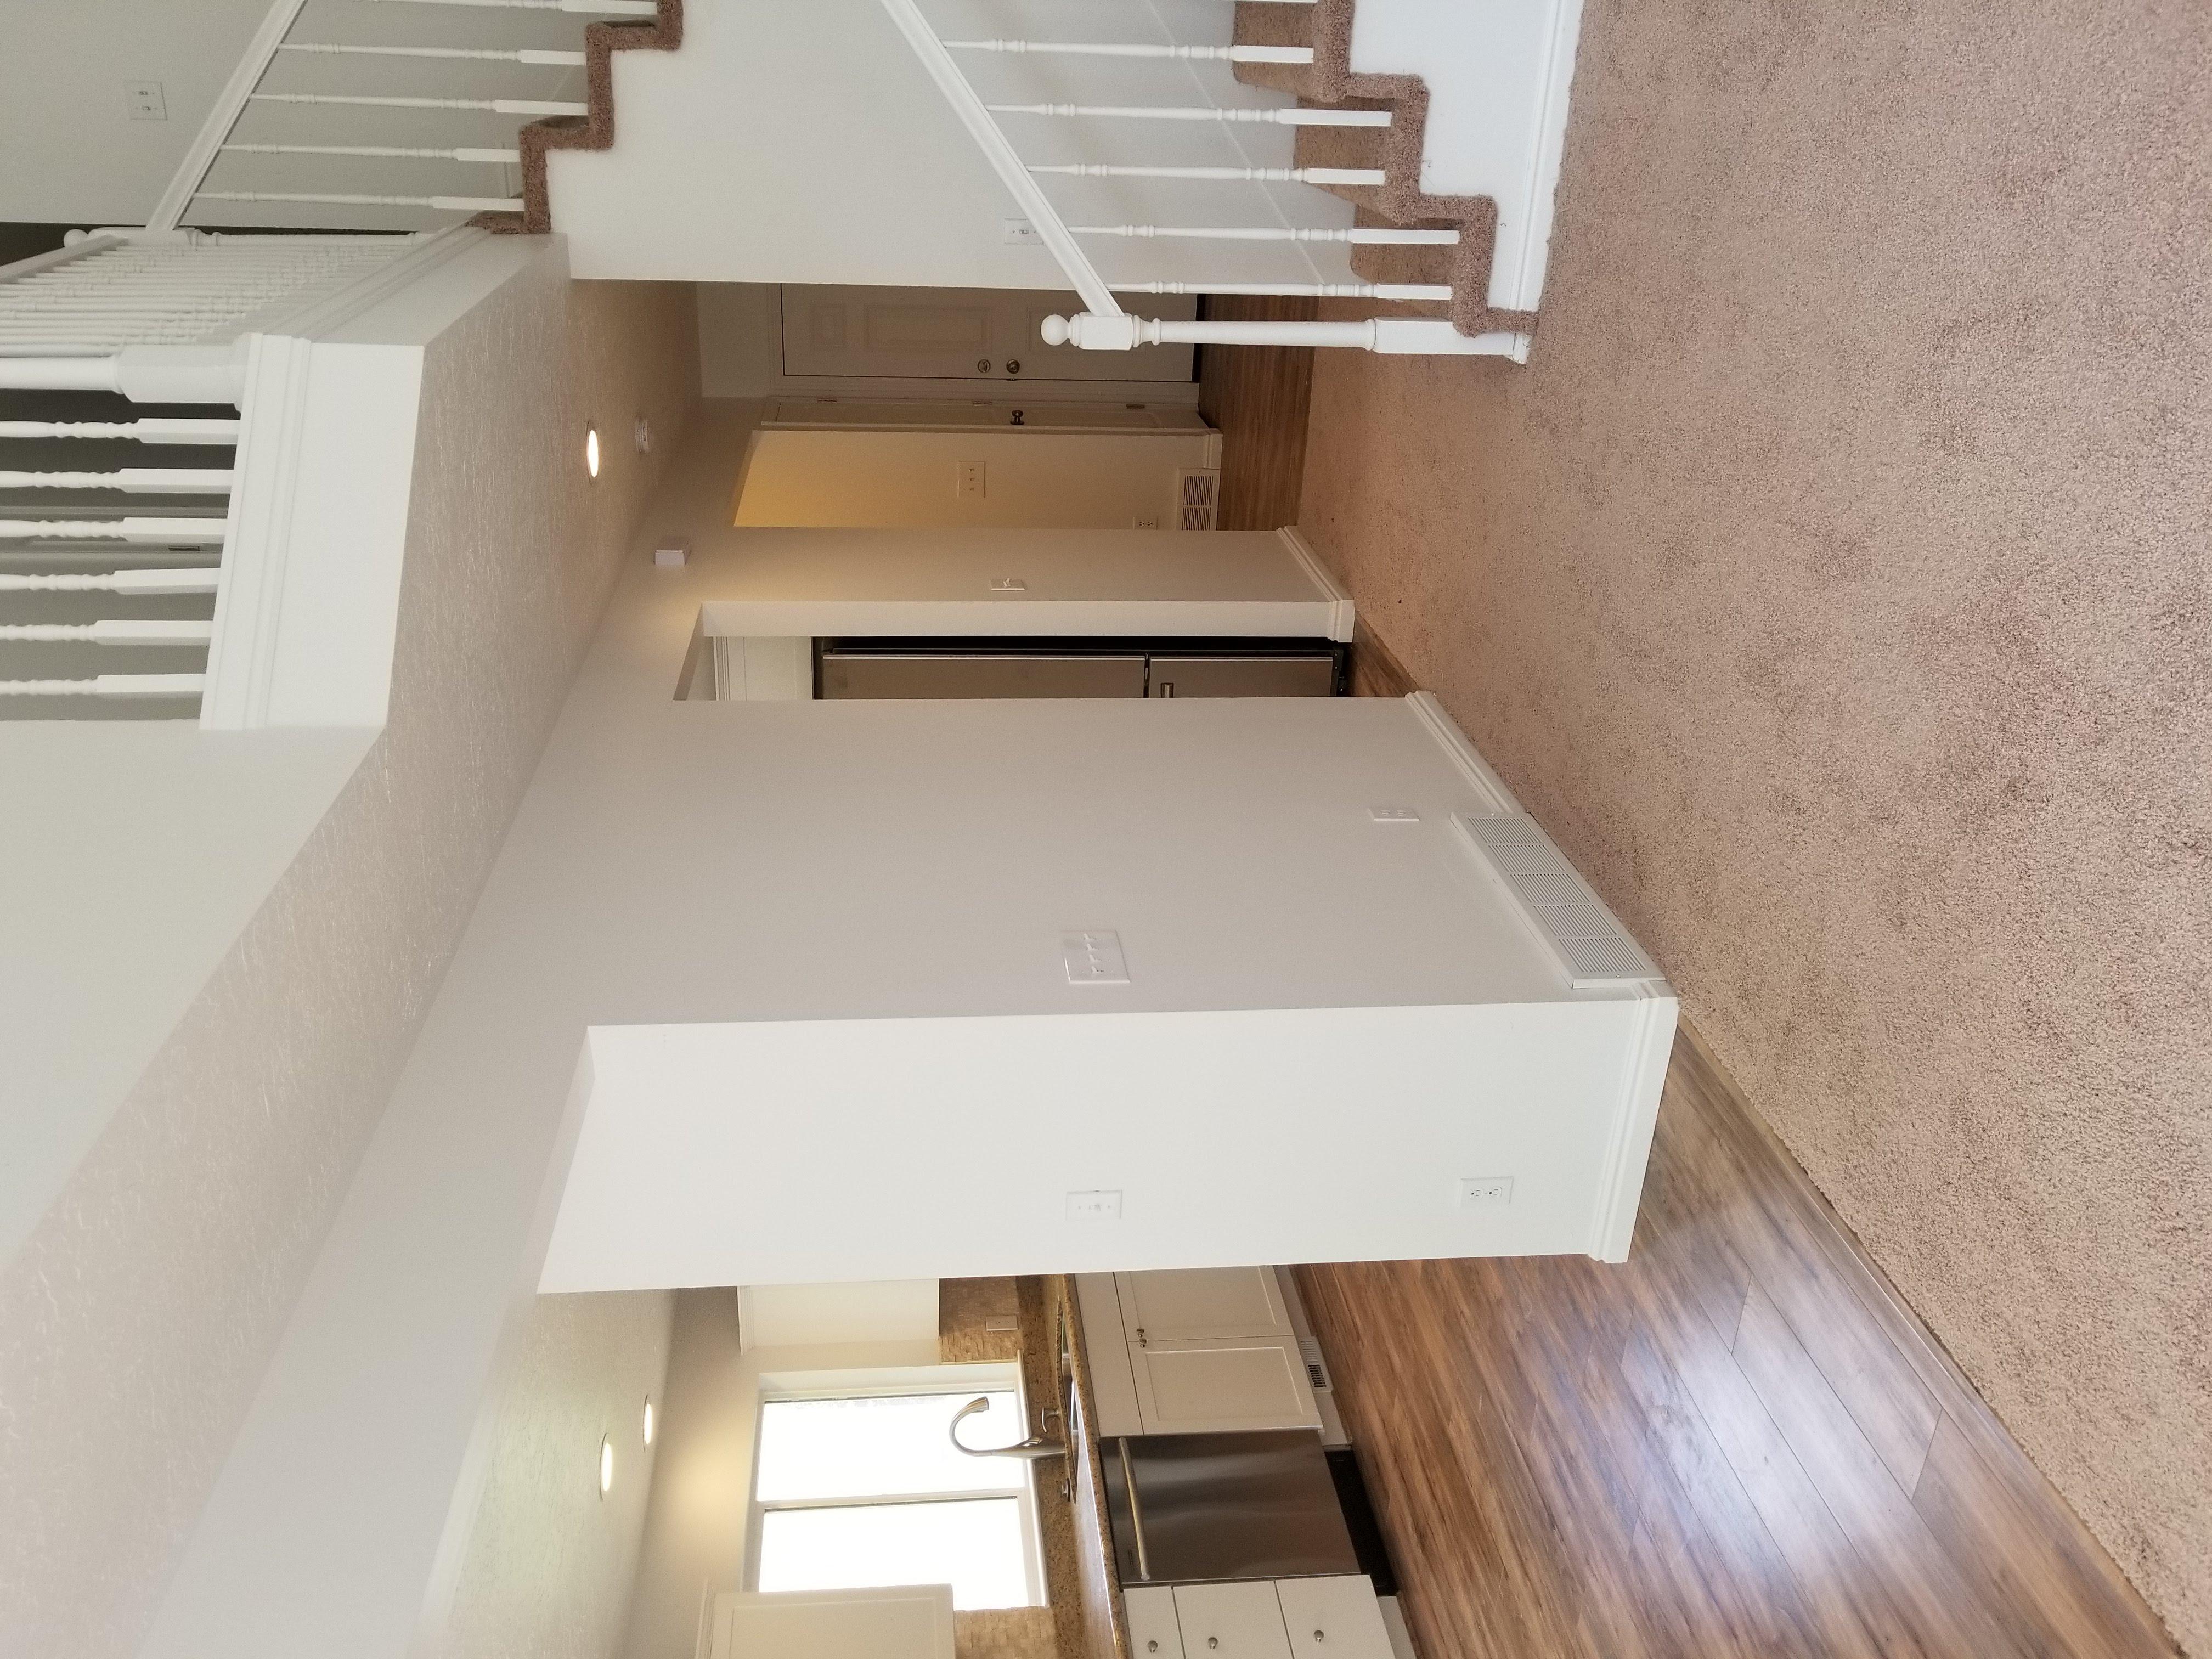 Full Home Remodeling South Jordan UT